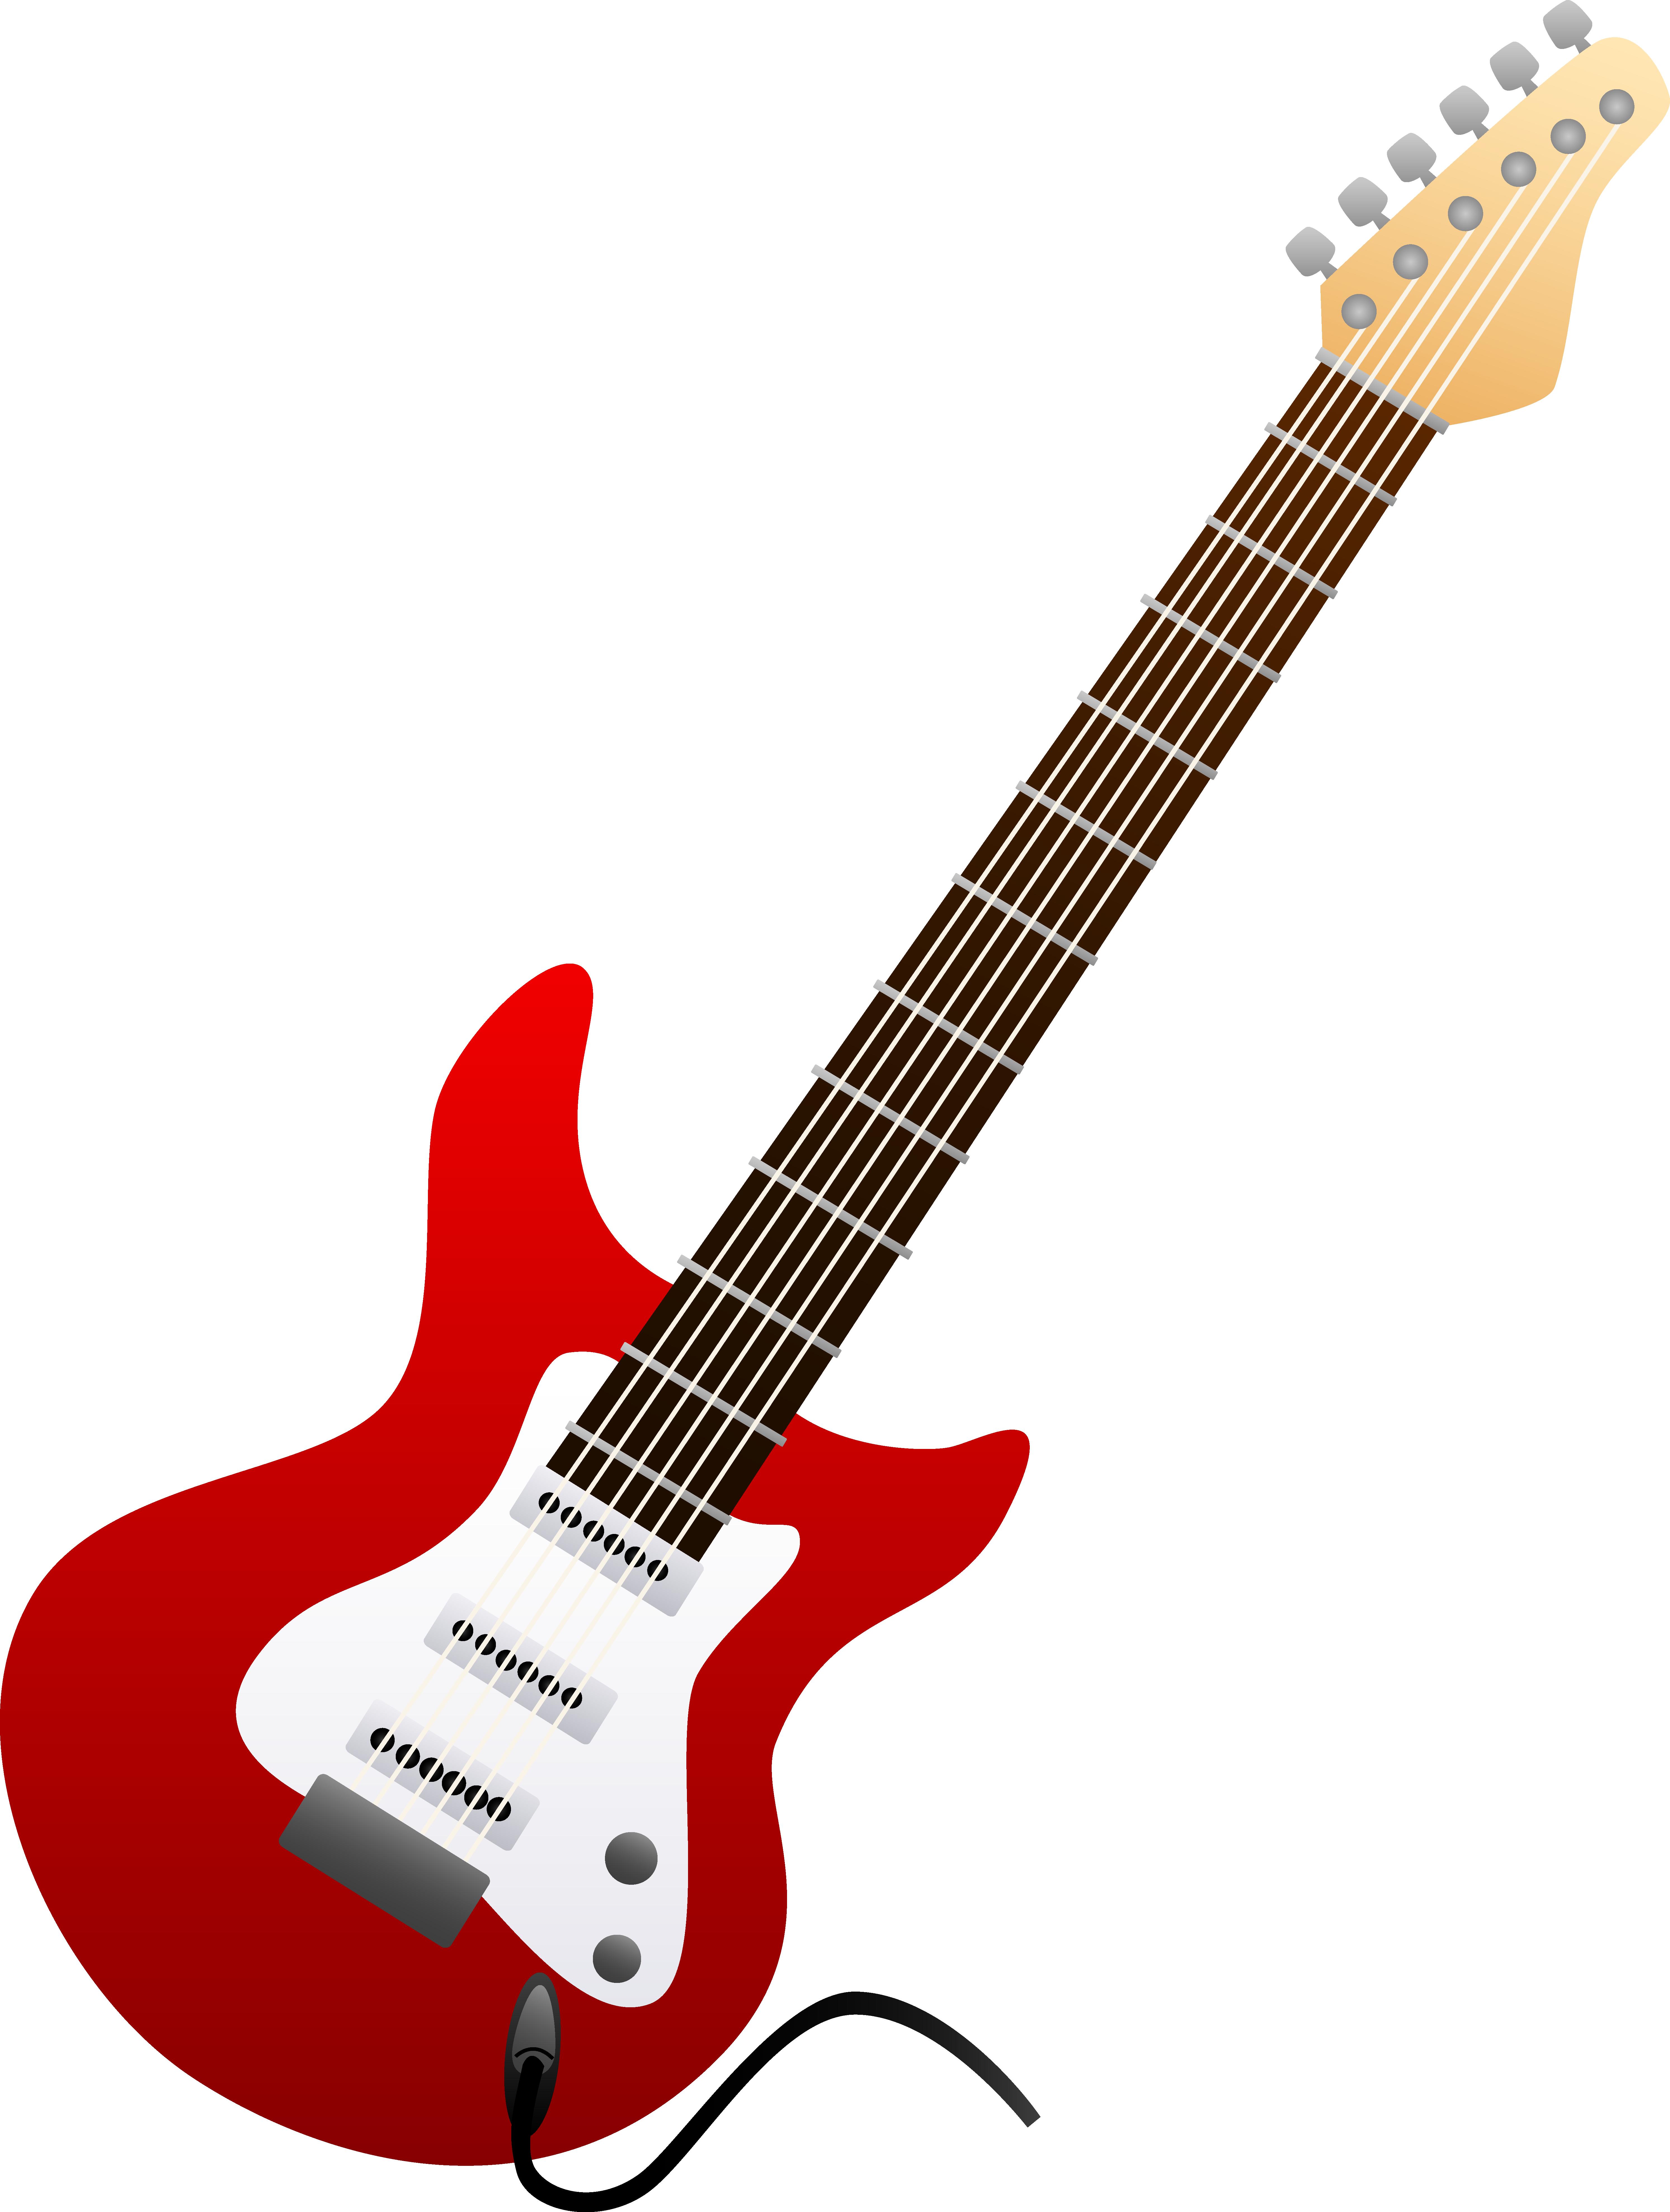 5971x7908 guitar clip art kaleb red electric guitar, guitar, guitar